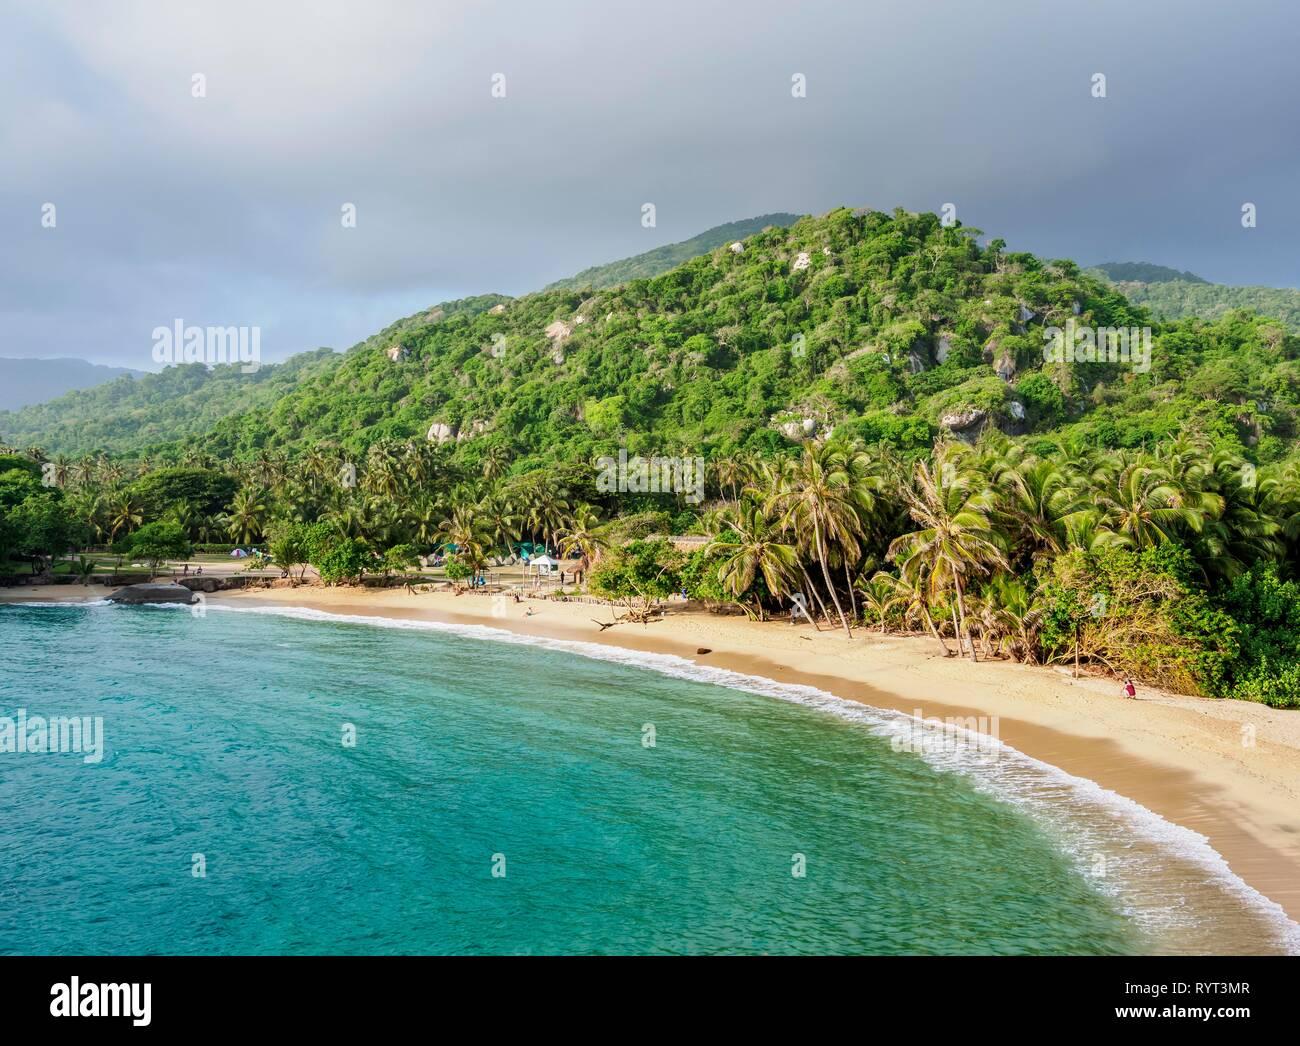 Bay, El Cabo San Juan del Guia sandy beach, Tayrona National Natural Park, Magdalena Department, Caribbean, Colombia - Stock Image